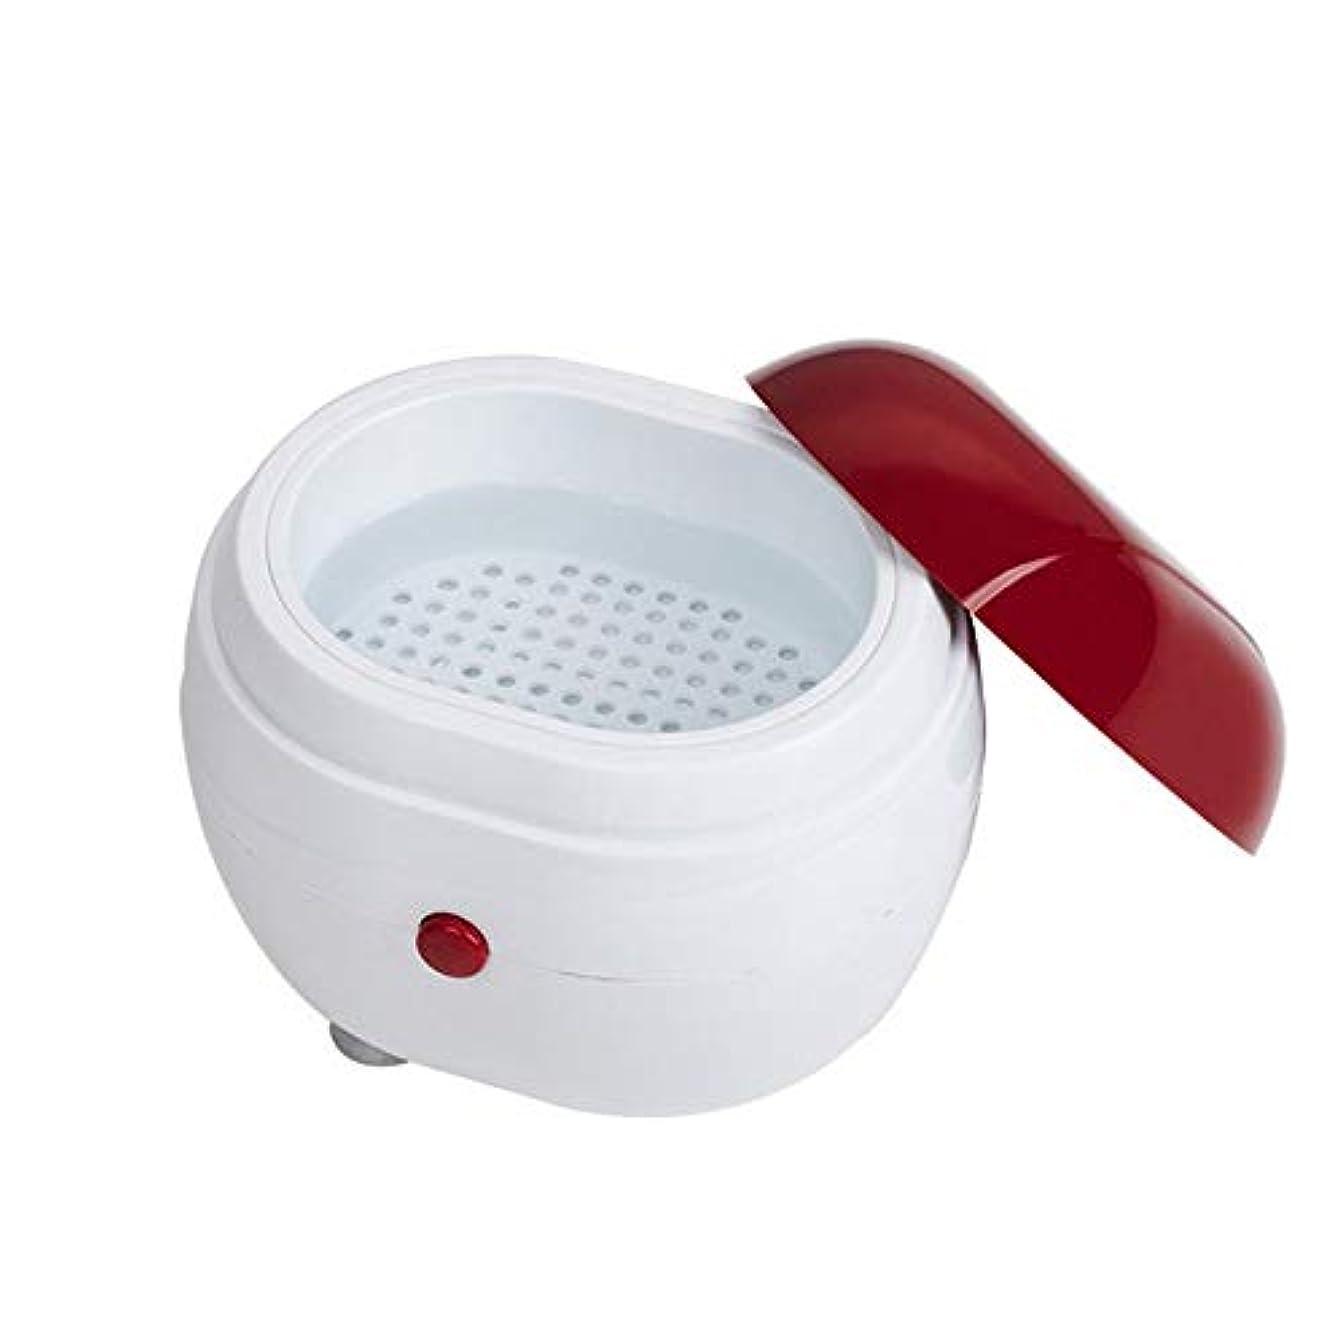 寛容スーツ代理店ポータブル超音波洗濯機家庭用ジュエリーレンズ時計入れ歯クリーニング機洗濯機クリーナークリーニングボックス - 赤&白